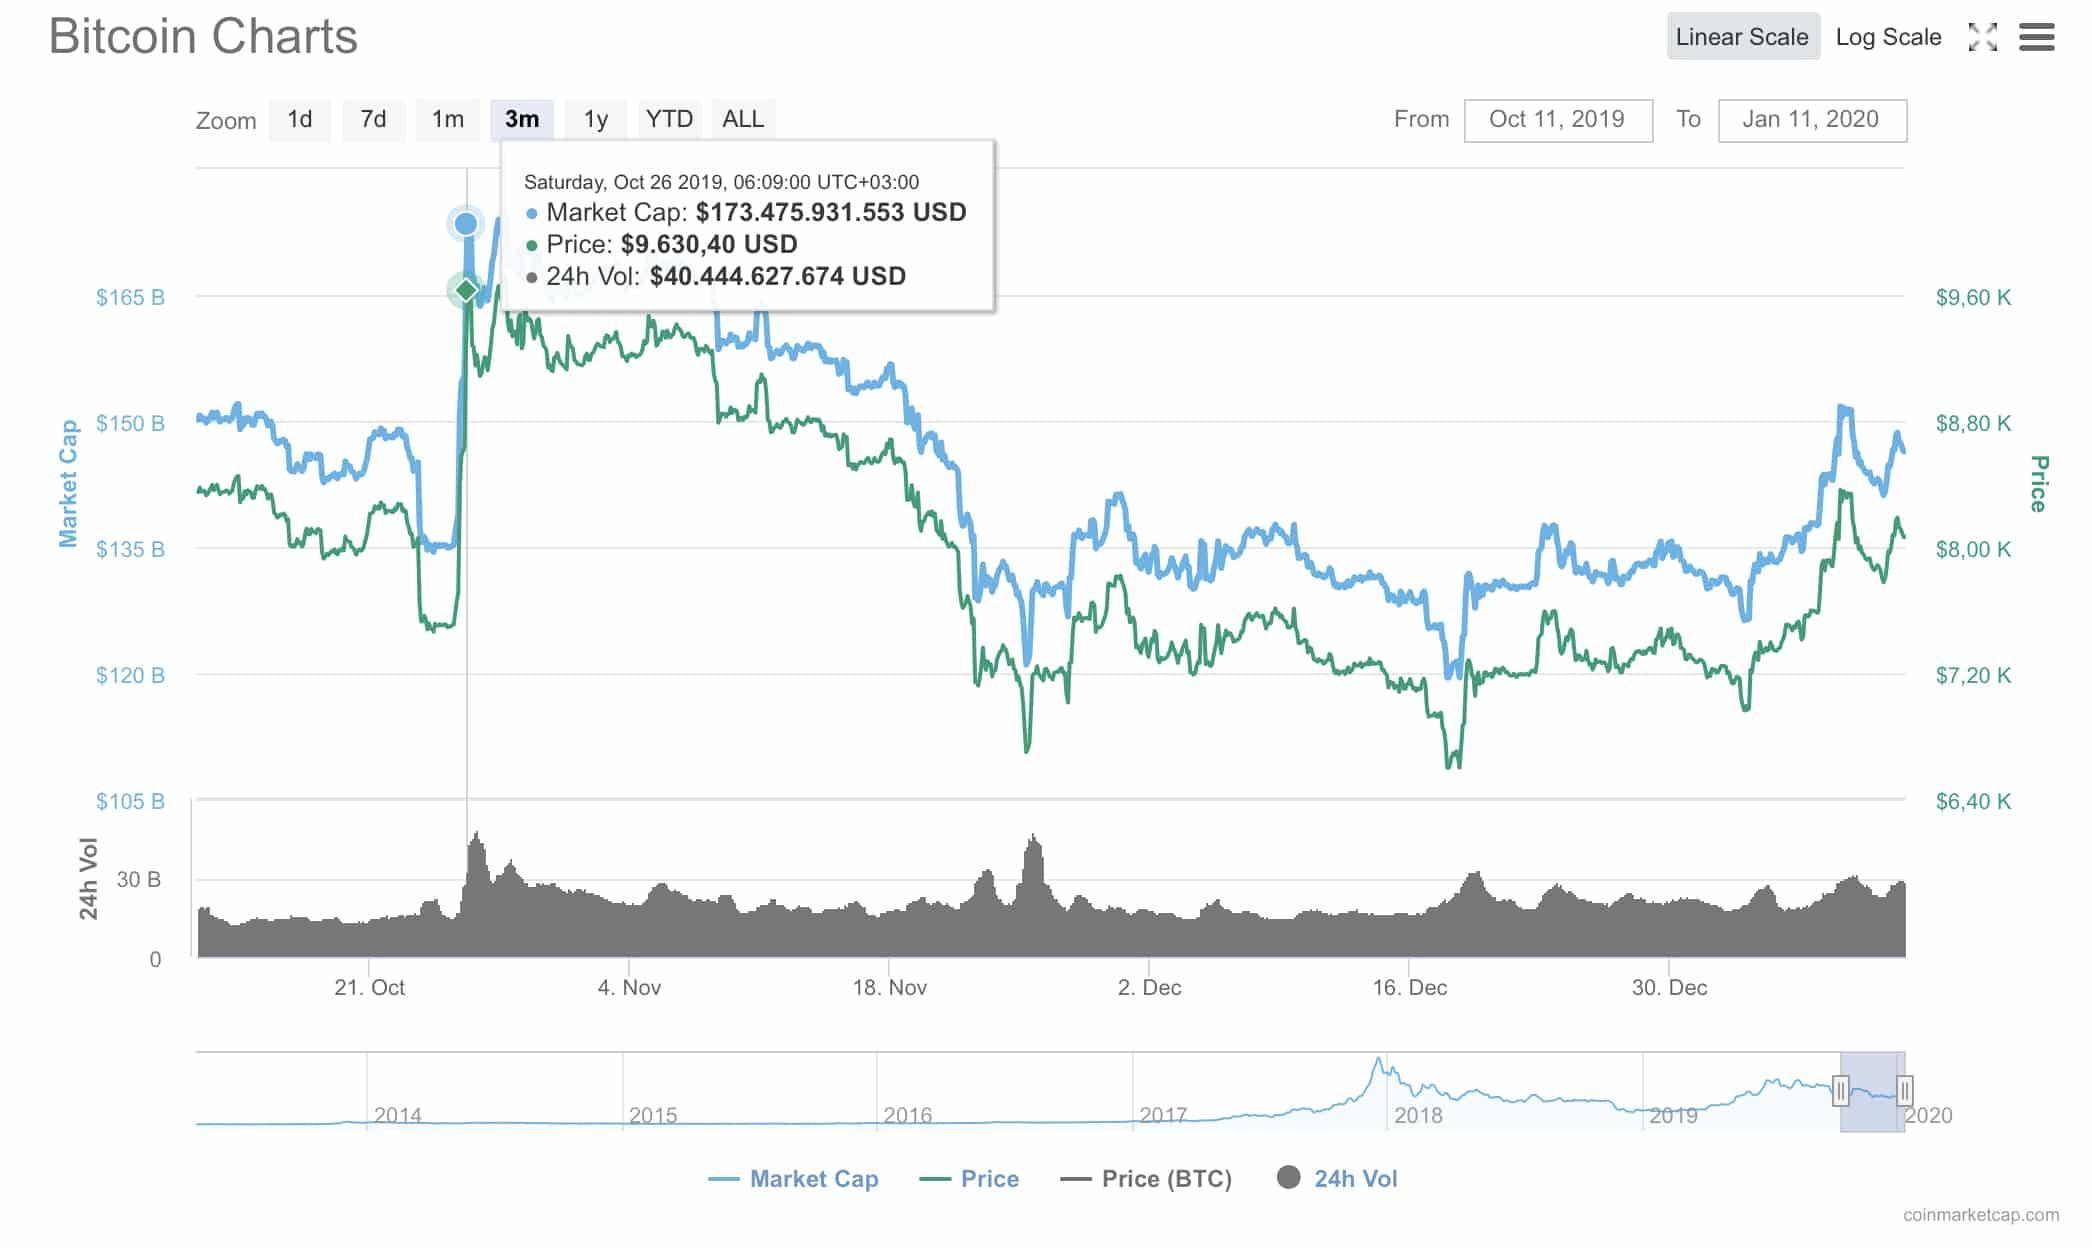 Bitcoin'in Google'daki Popülaritesi Artıyor 4